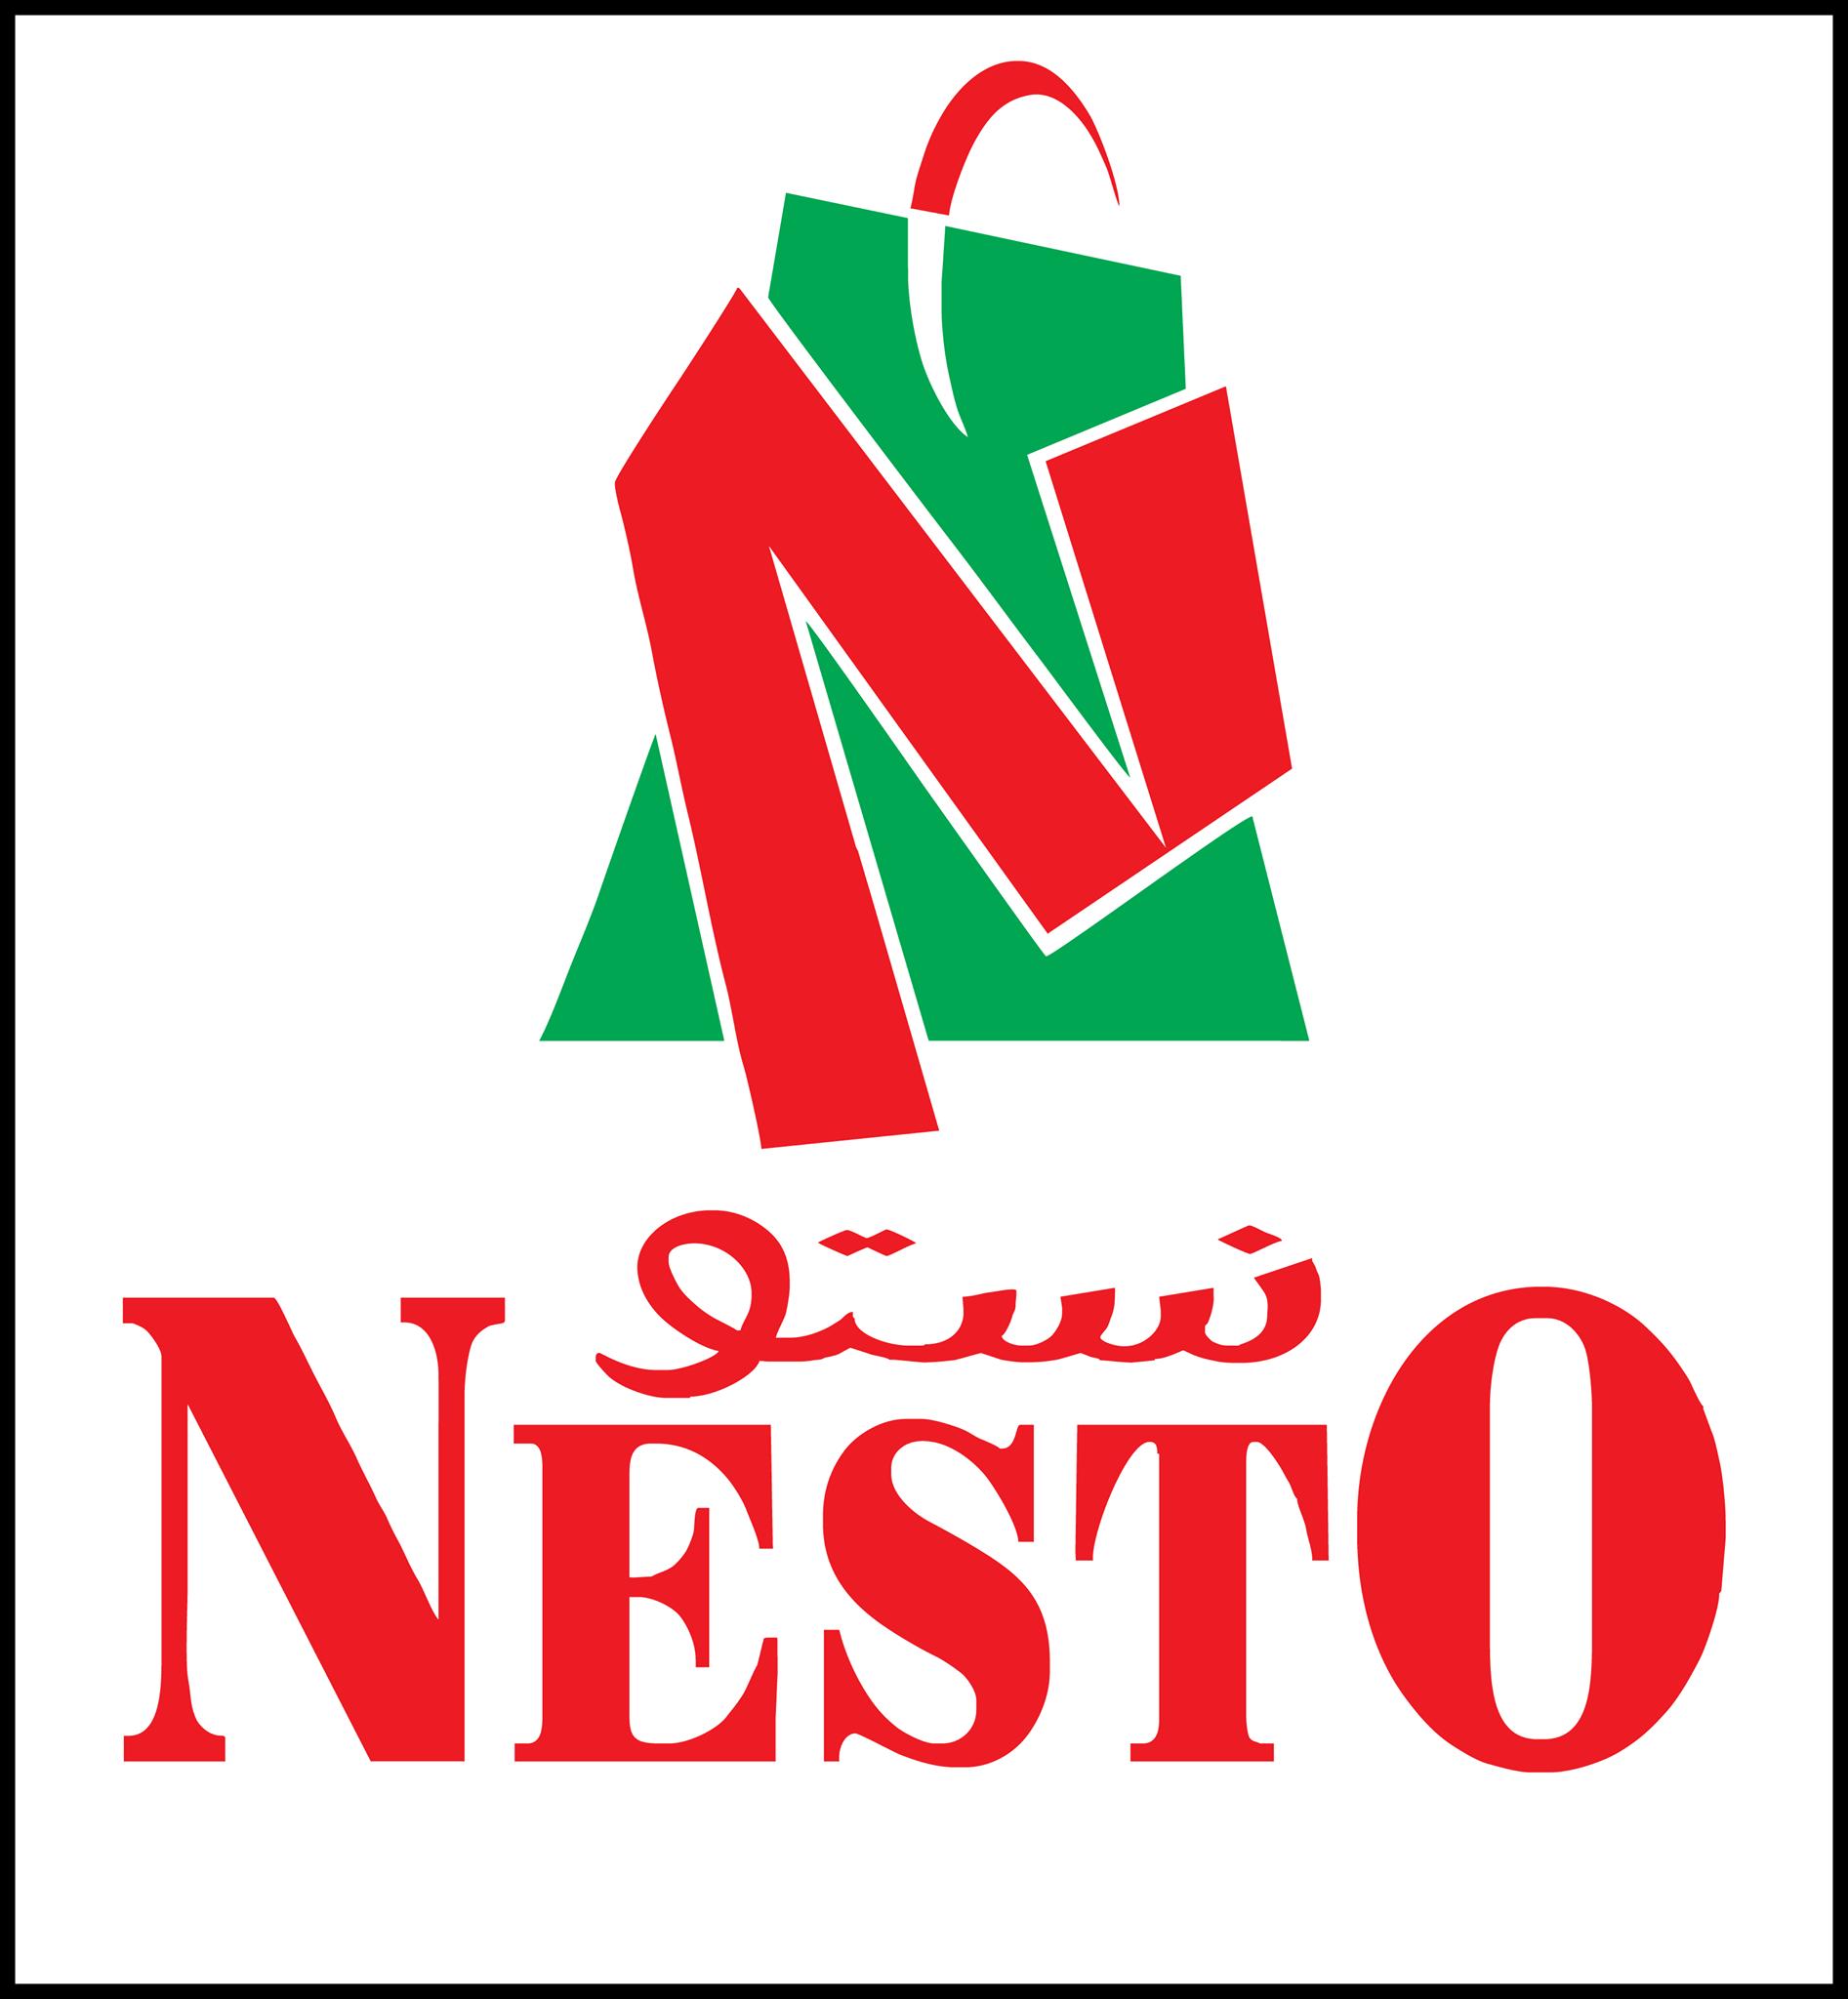 Nesto Centre